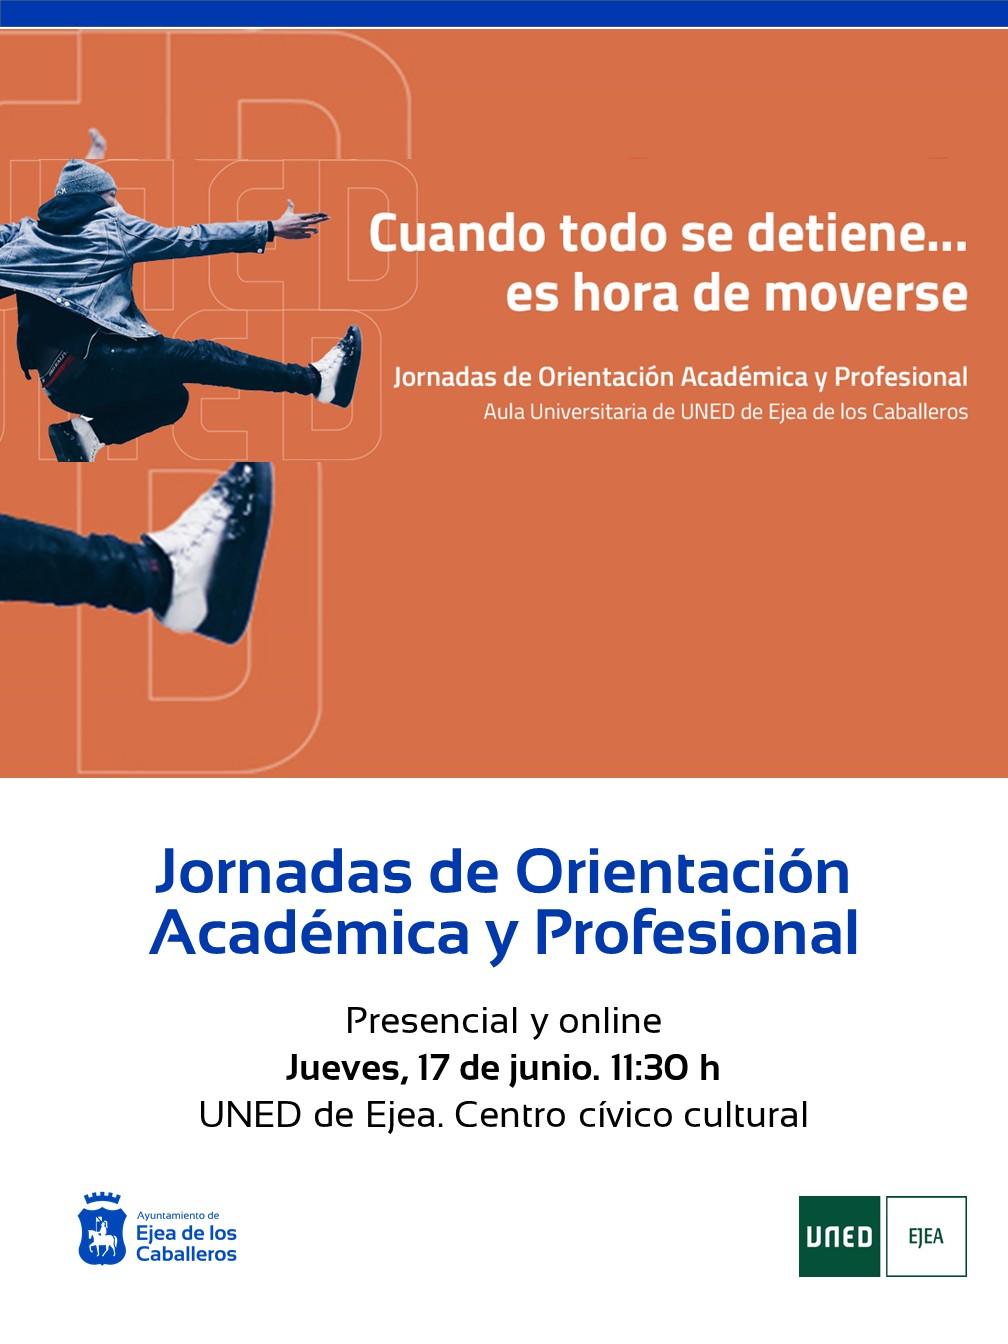 Jornada de Orientación Académica y Profesional del Aula UNED de Ejea